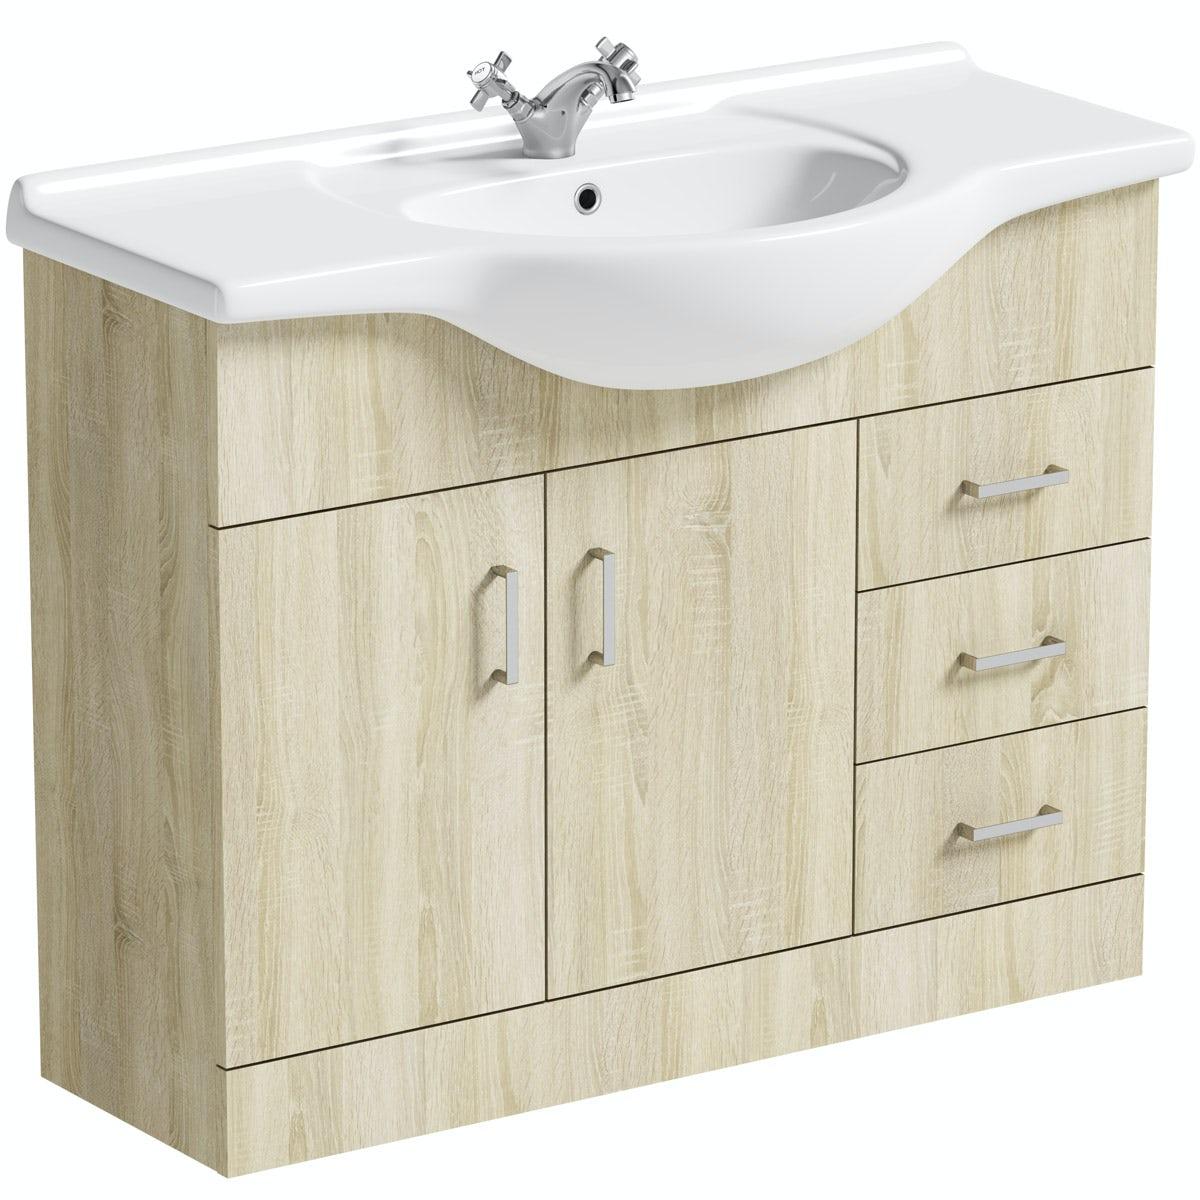 Orchard Eden oak vanity unit and basin 1050mm